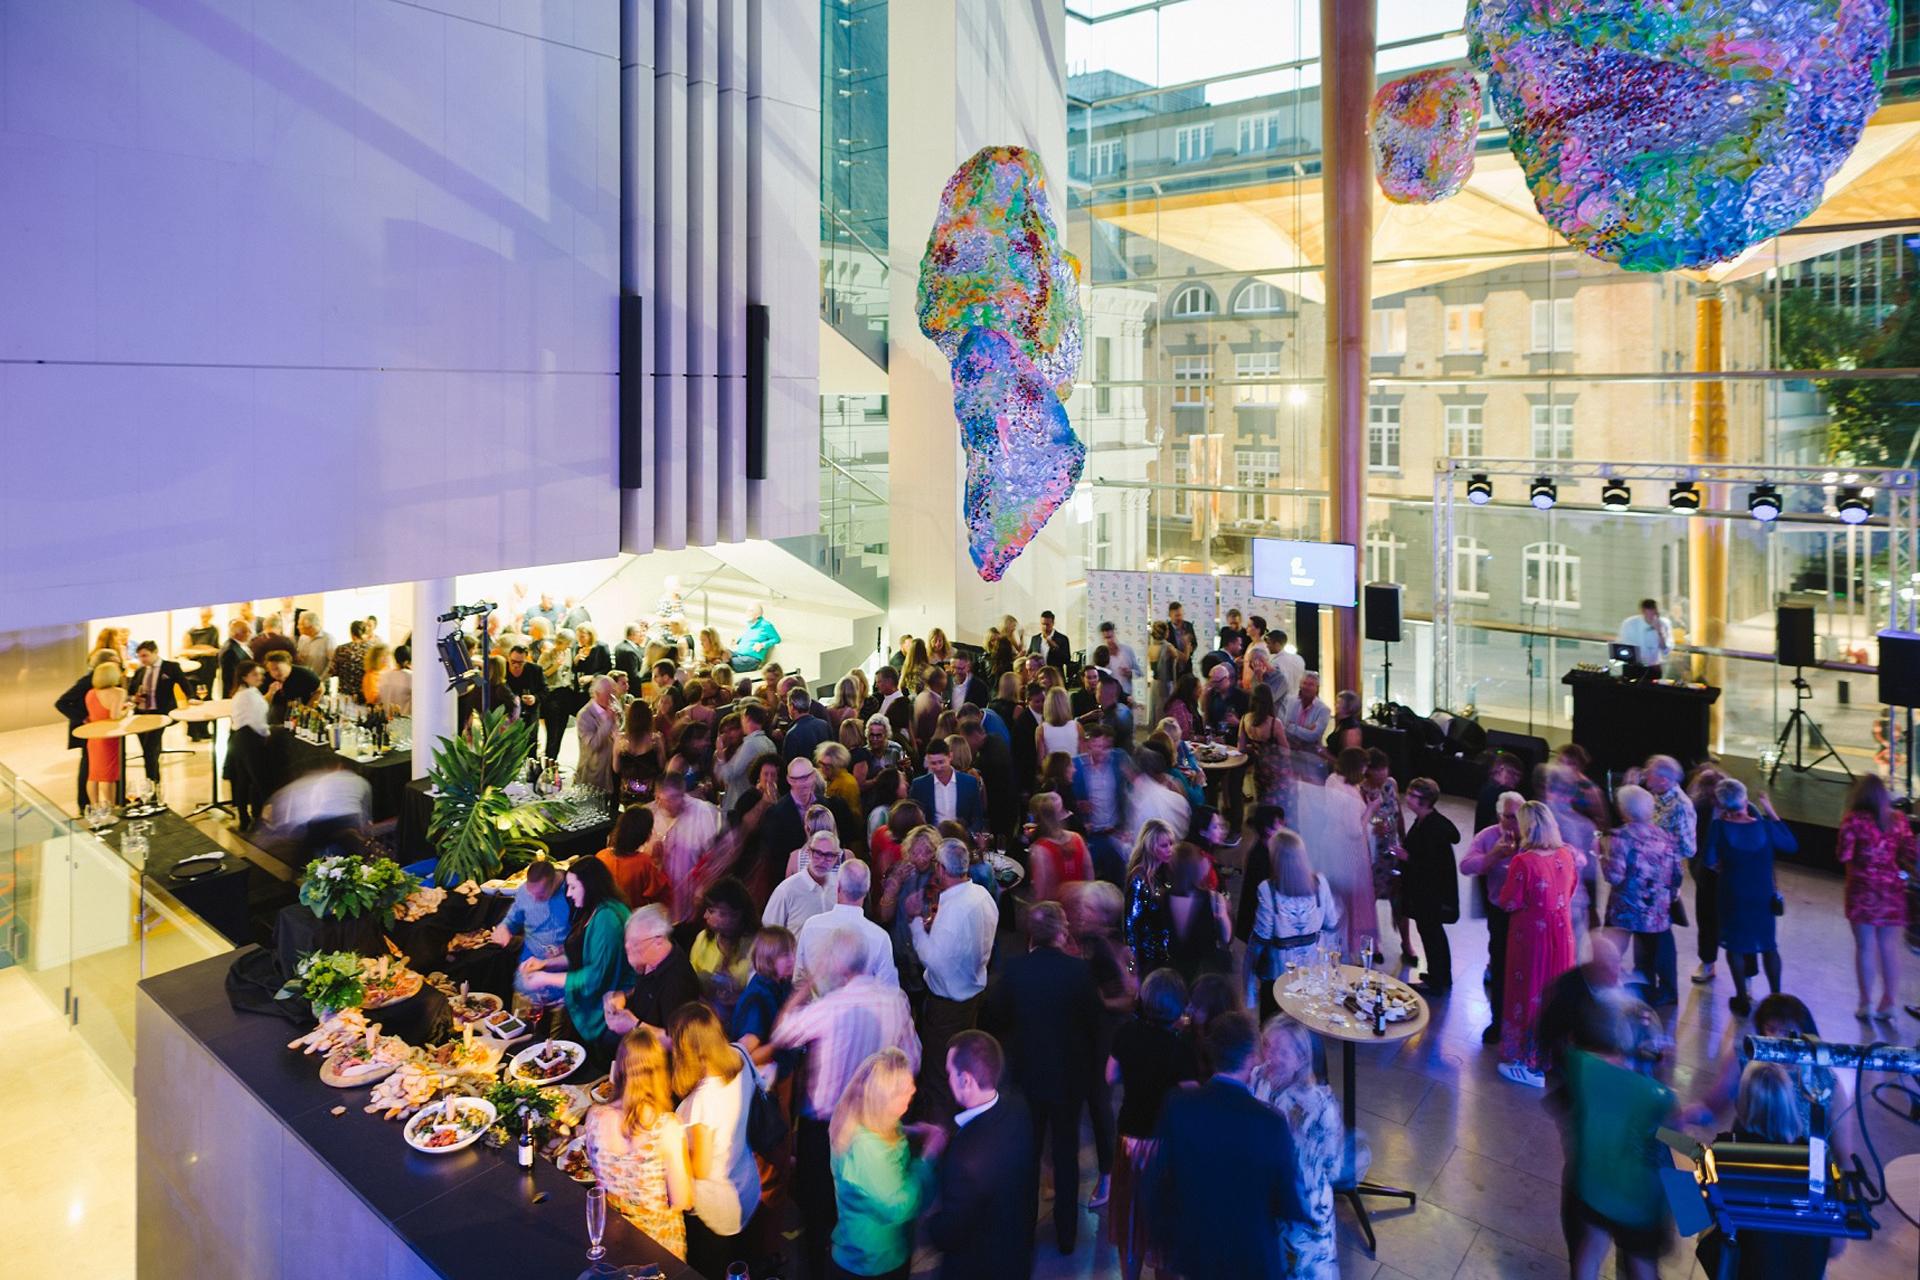 Art Gallery - North Atrium